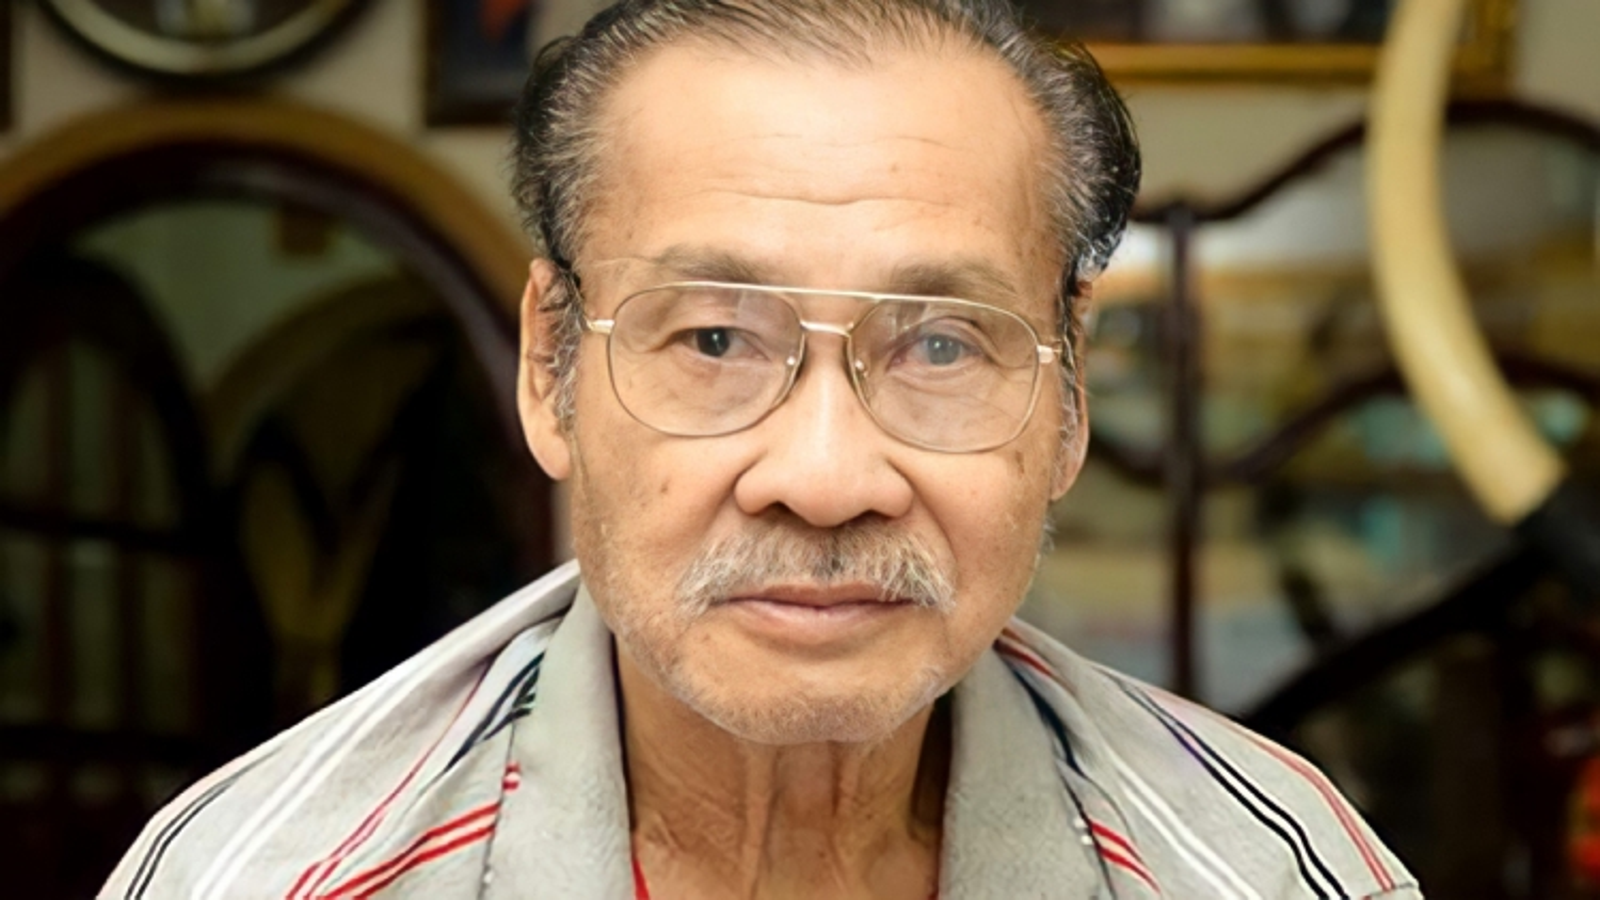 NSND Lý Huỳnh – người thành công trong việc đưa võ thuật vào điện ảnh